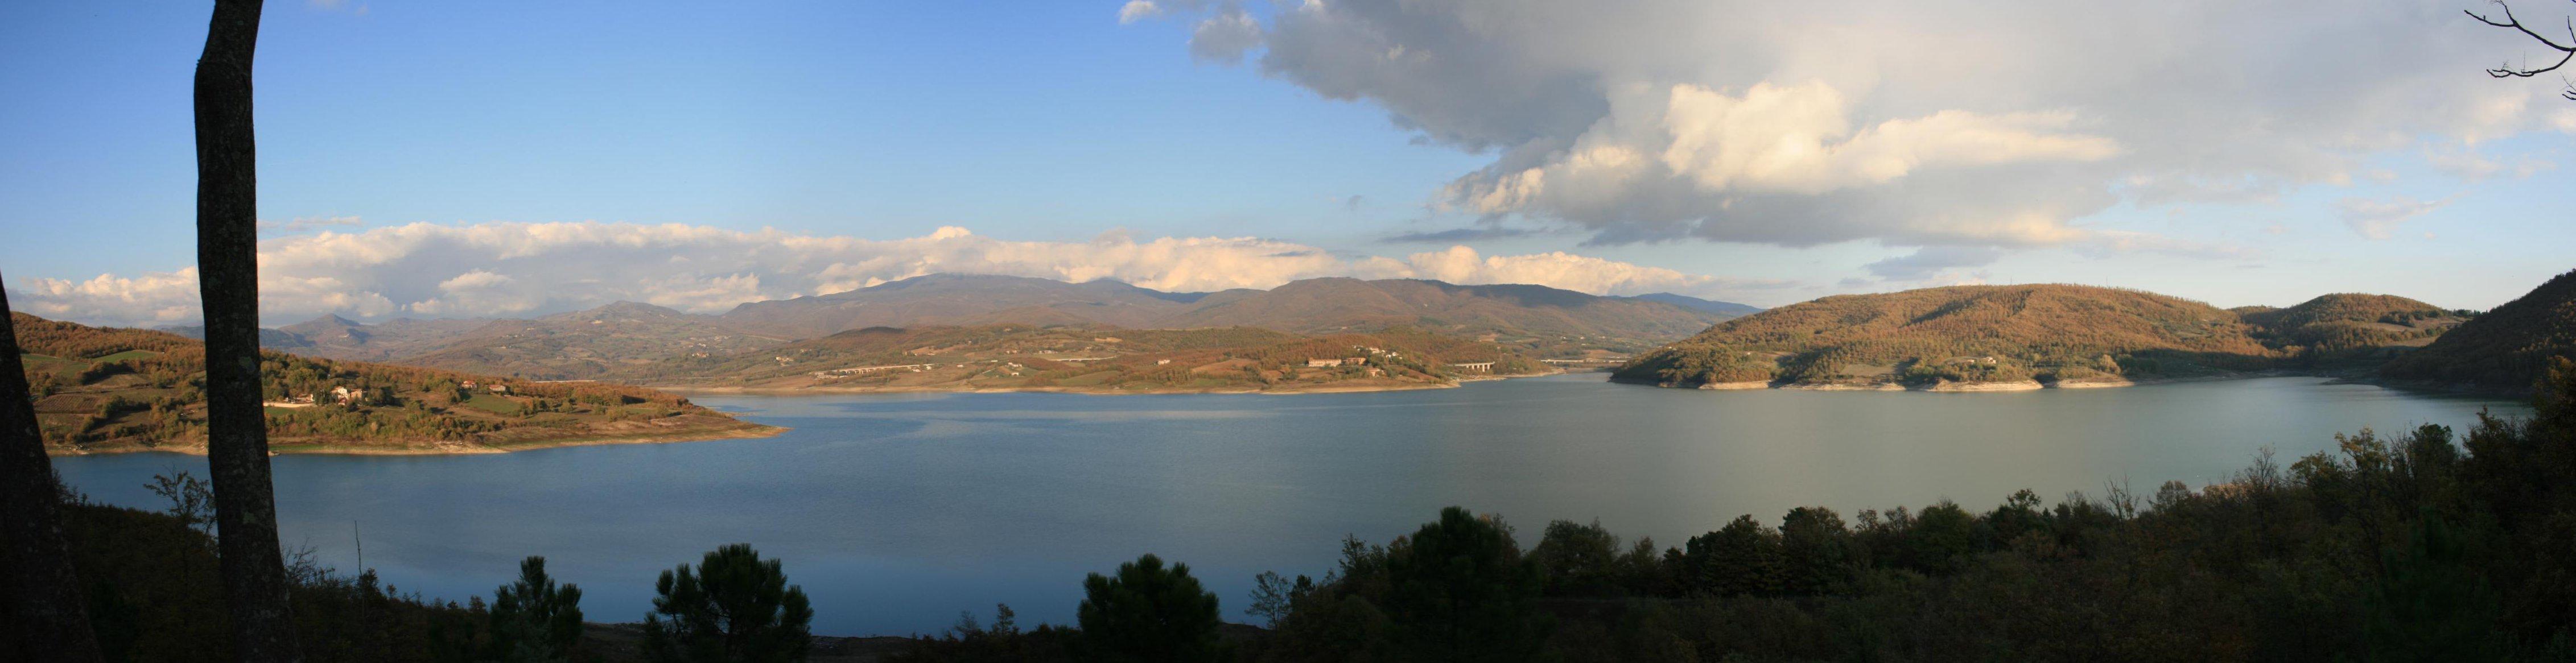 Domenica 8 maggio  Cicloescursione intorno alla diga di Montedoglio